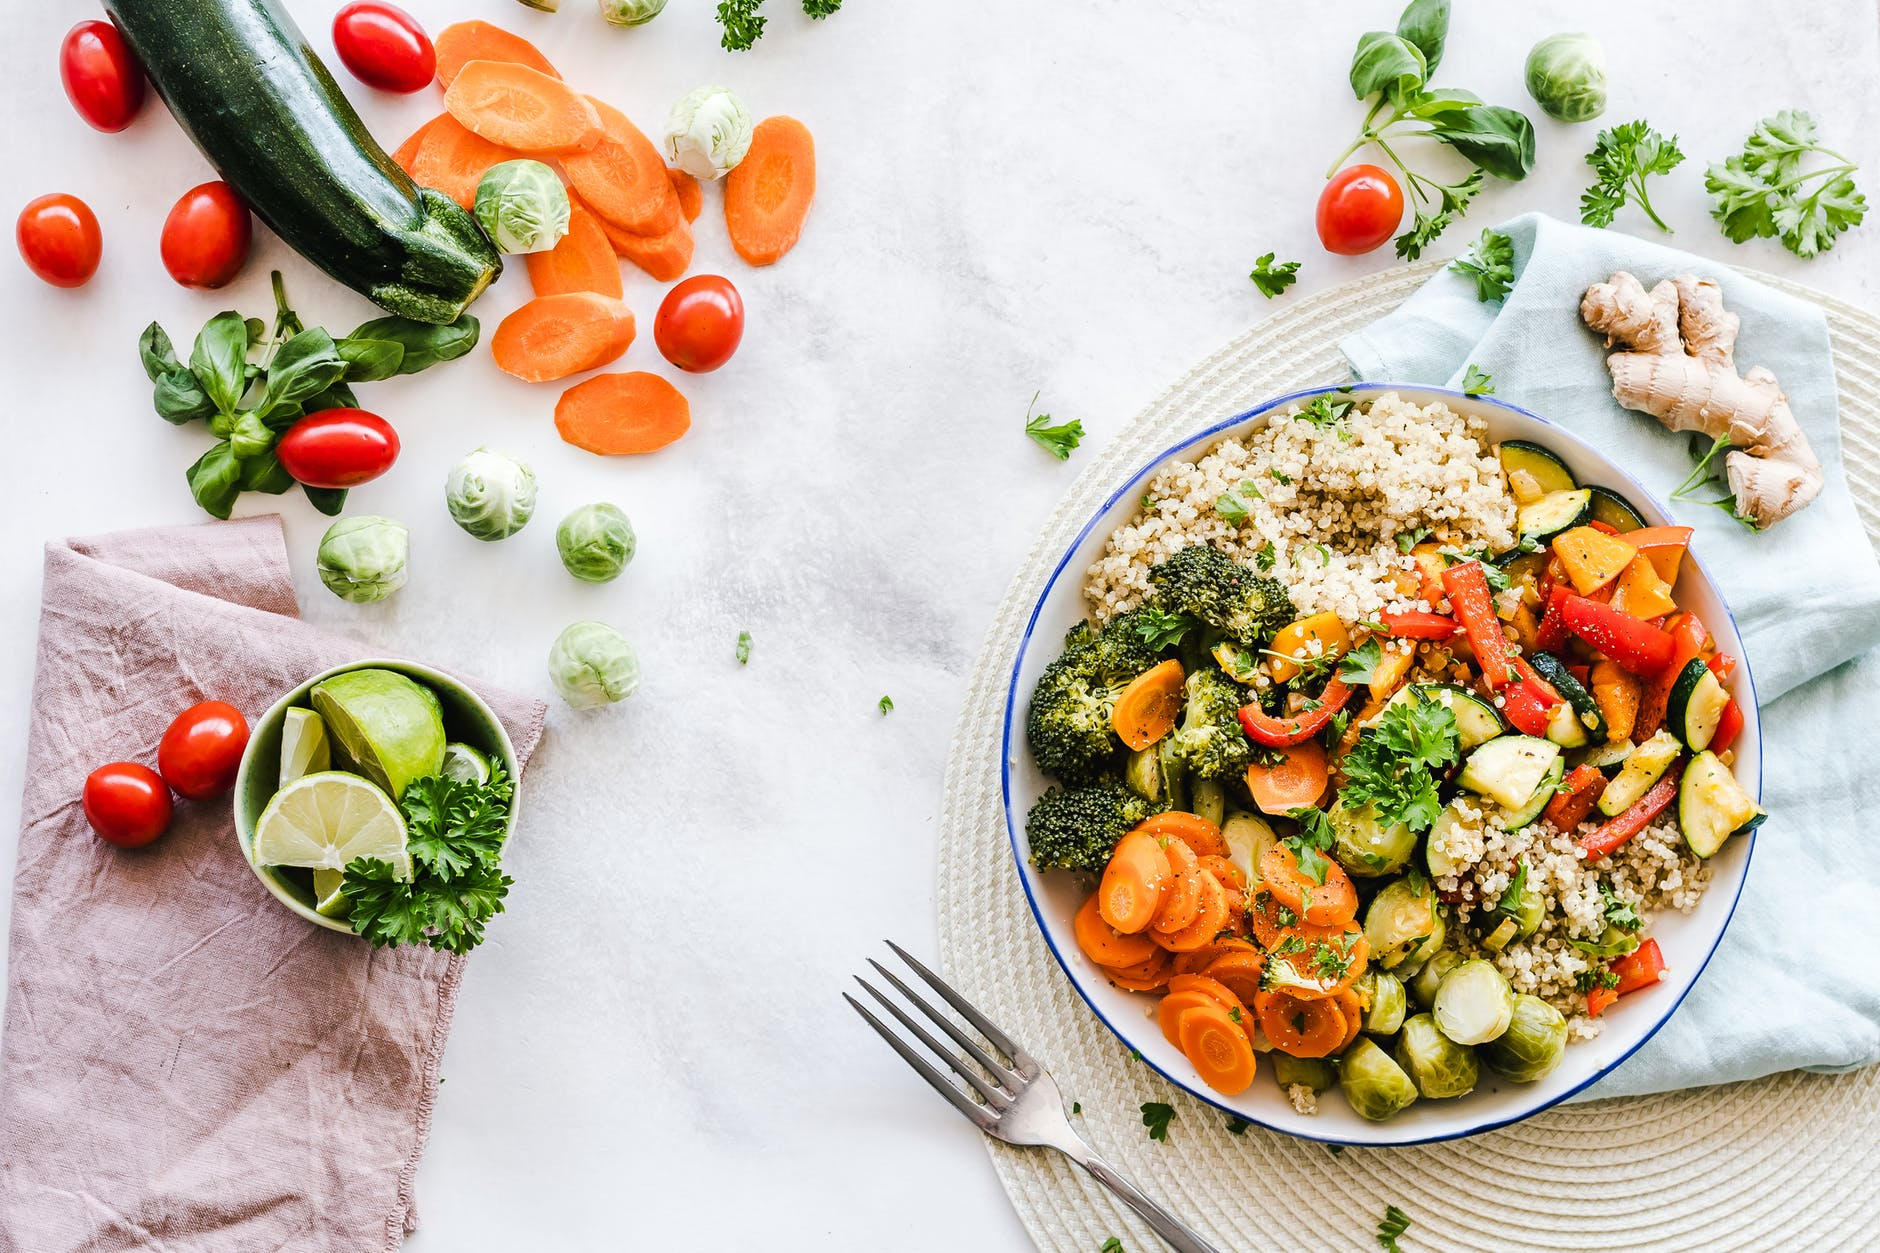 Топ-3 важливі поради від нутриціолога тим, хто хоче схуднути без дієт і заборон